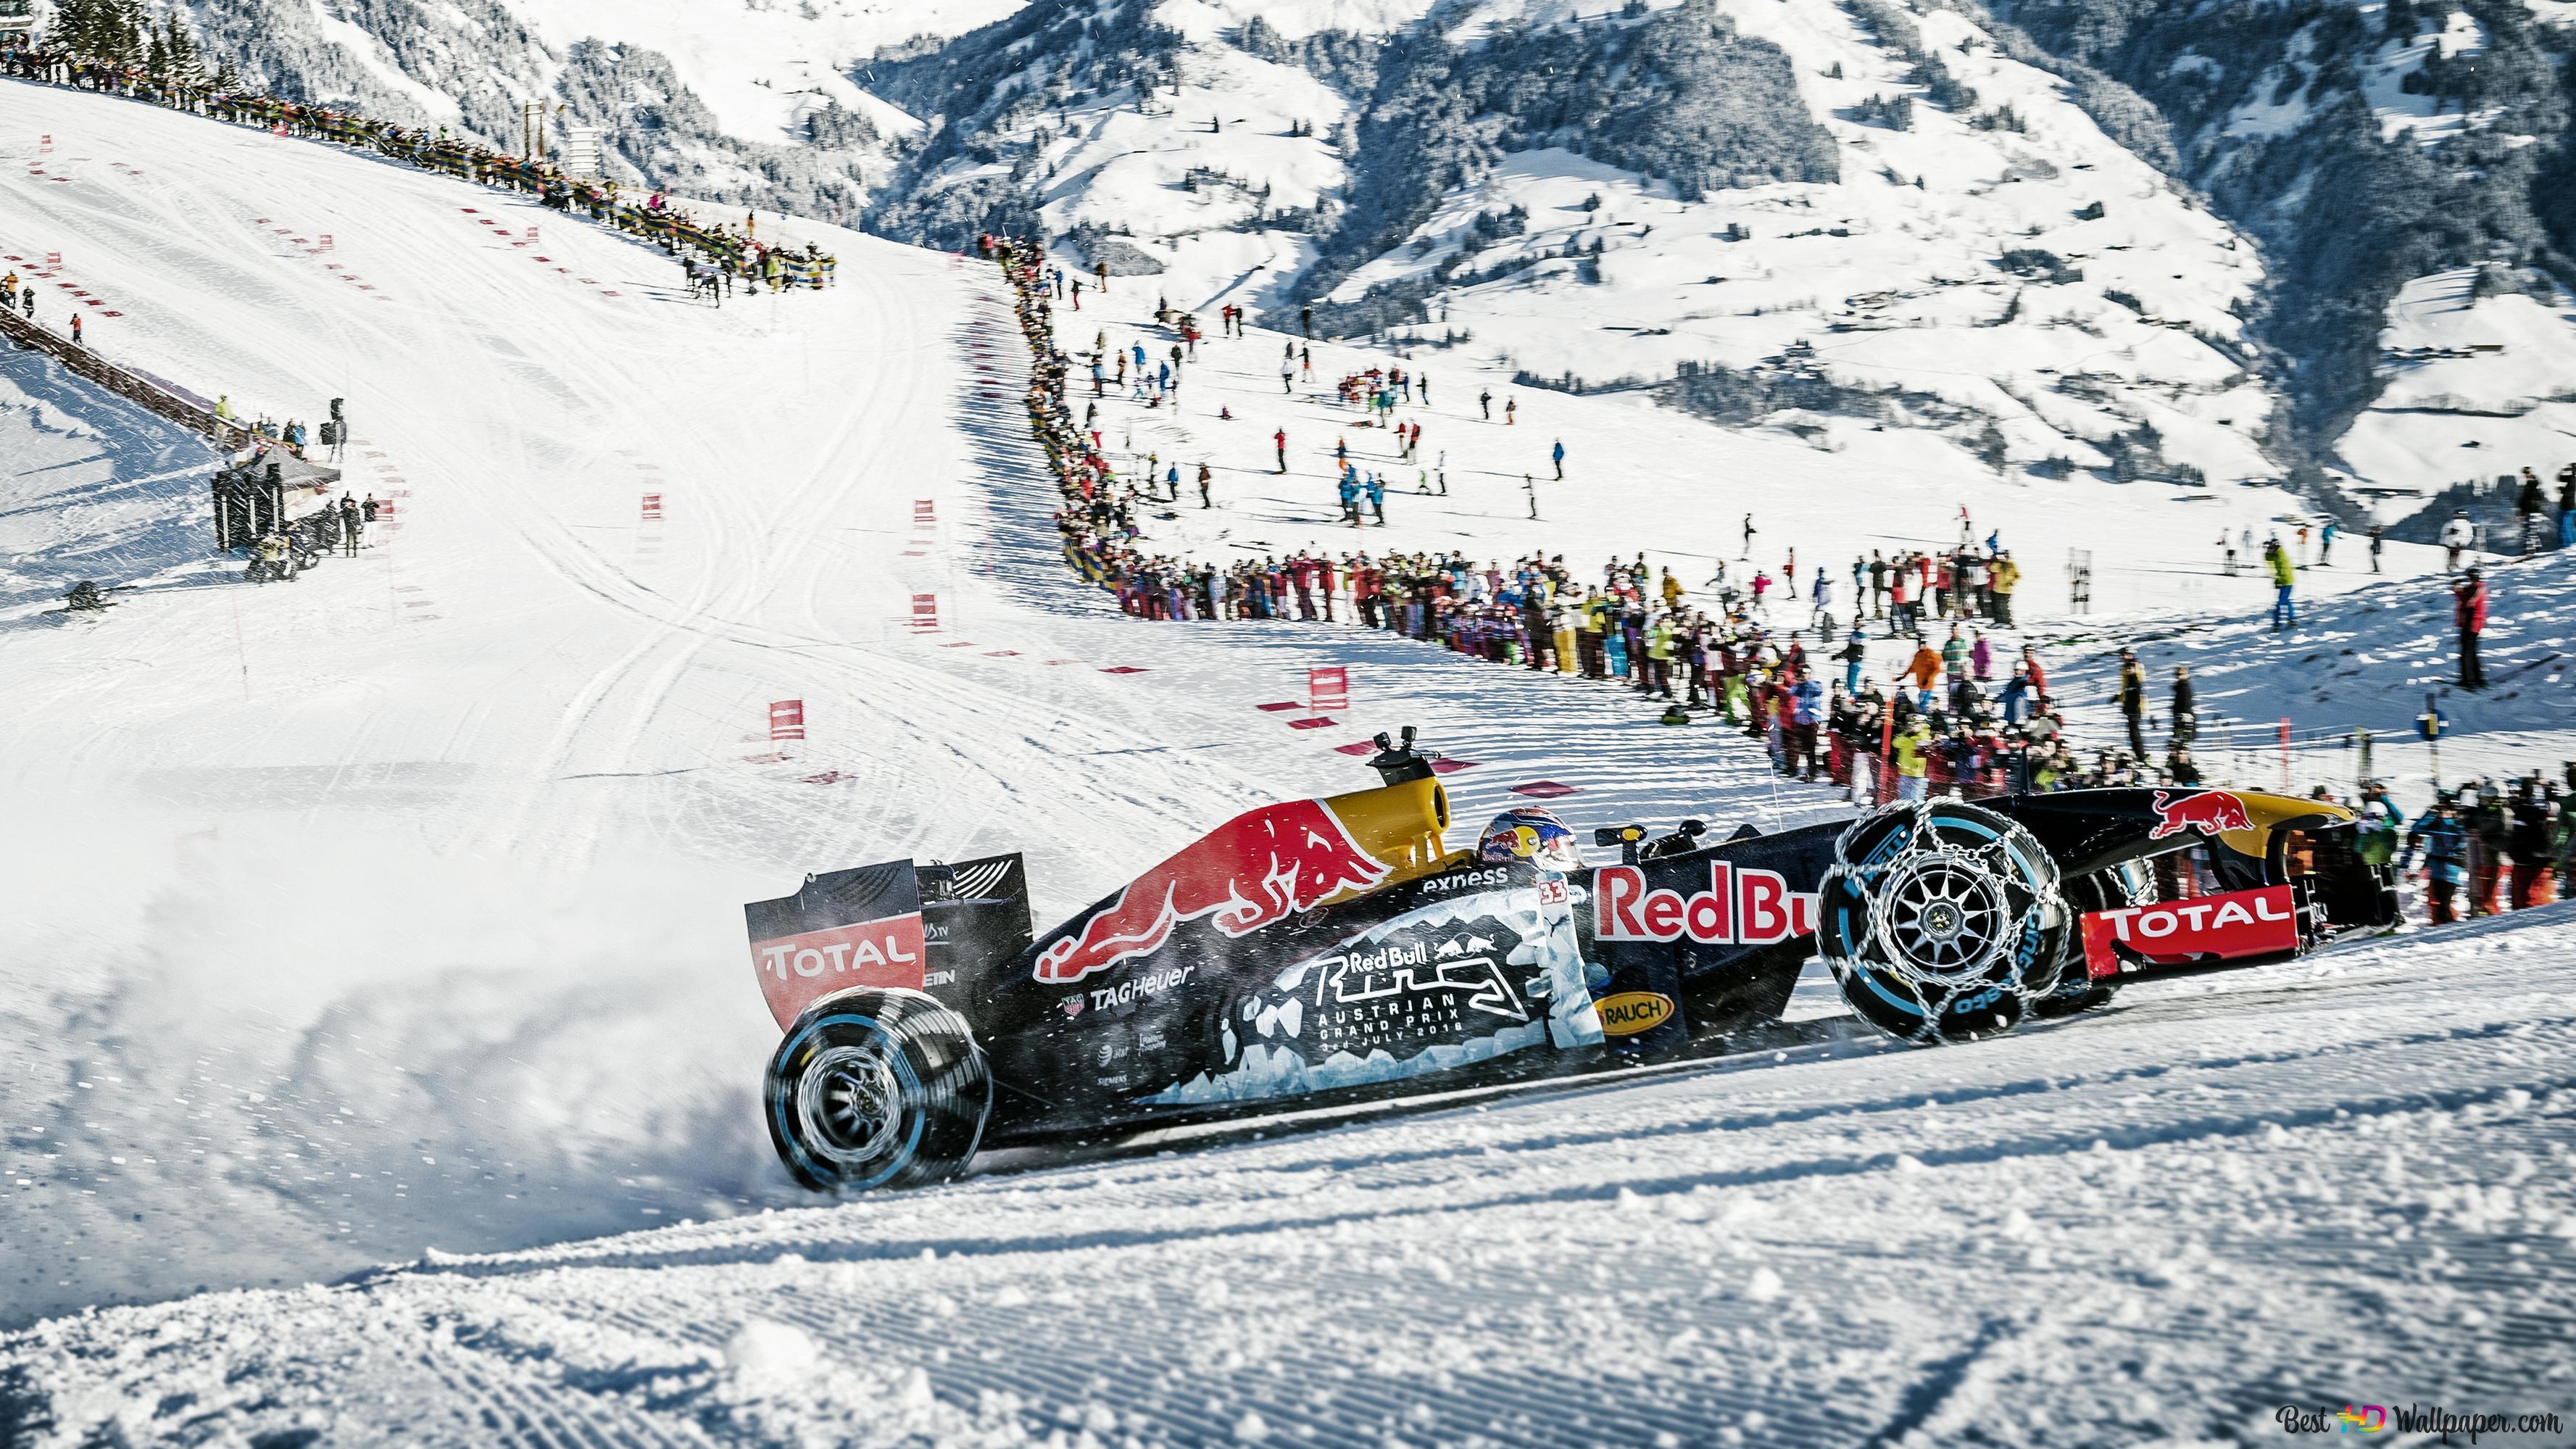 Red Bull Racing F1 Hd Wallpaper Download